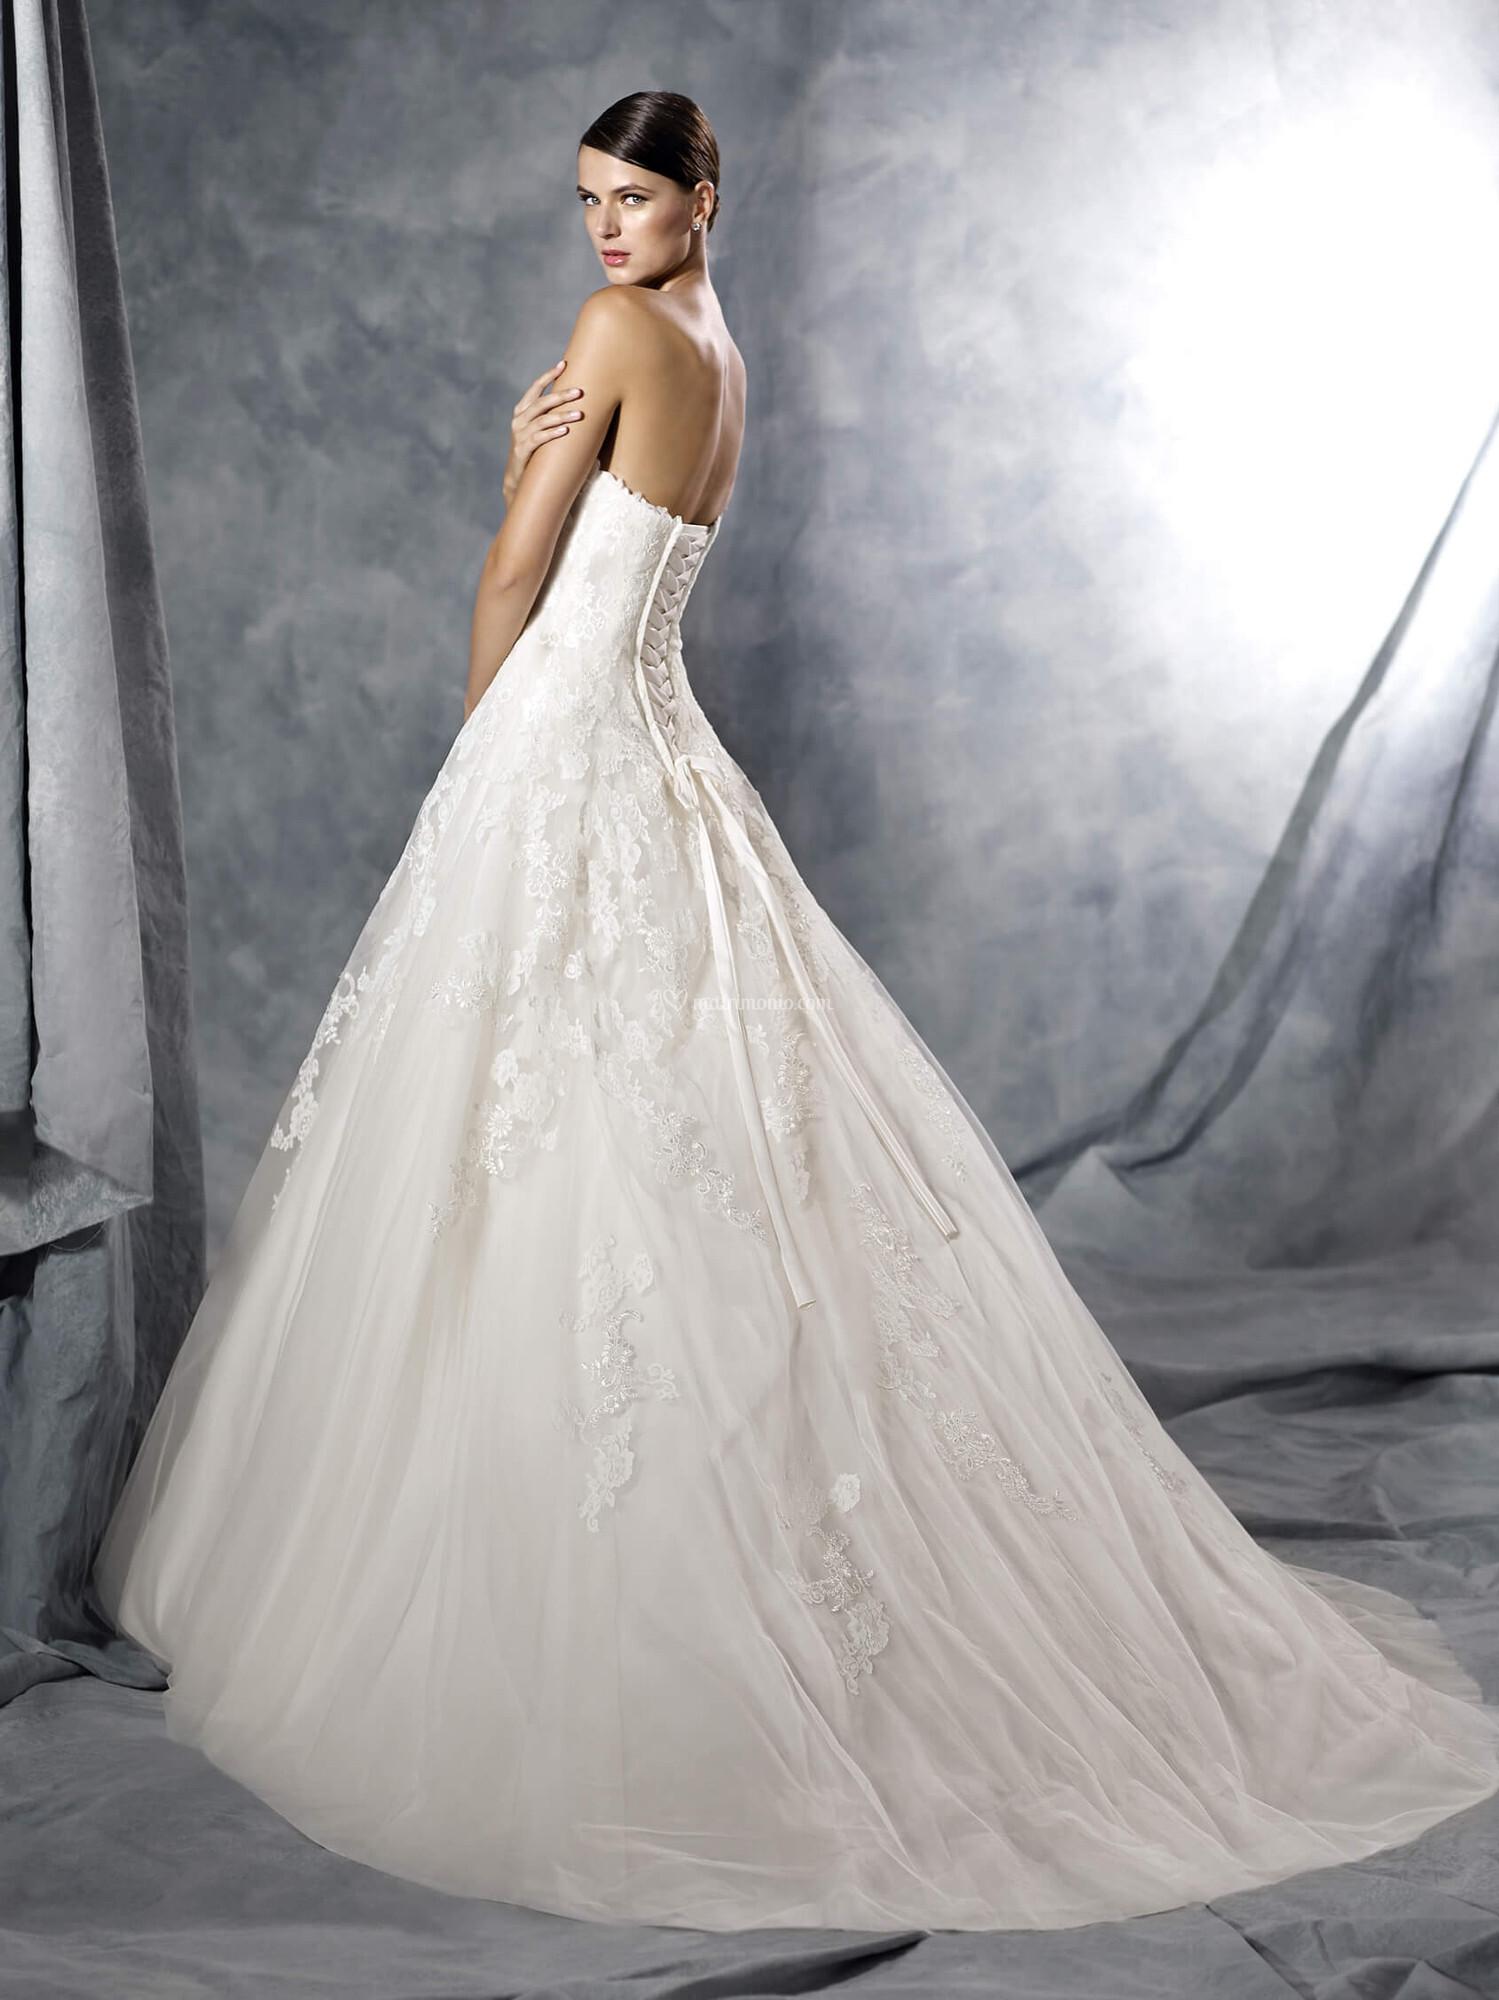 c3a931b3d3fe Abiti da Sposa di White One - JASMINE - Matrimonio.com